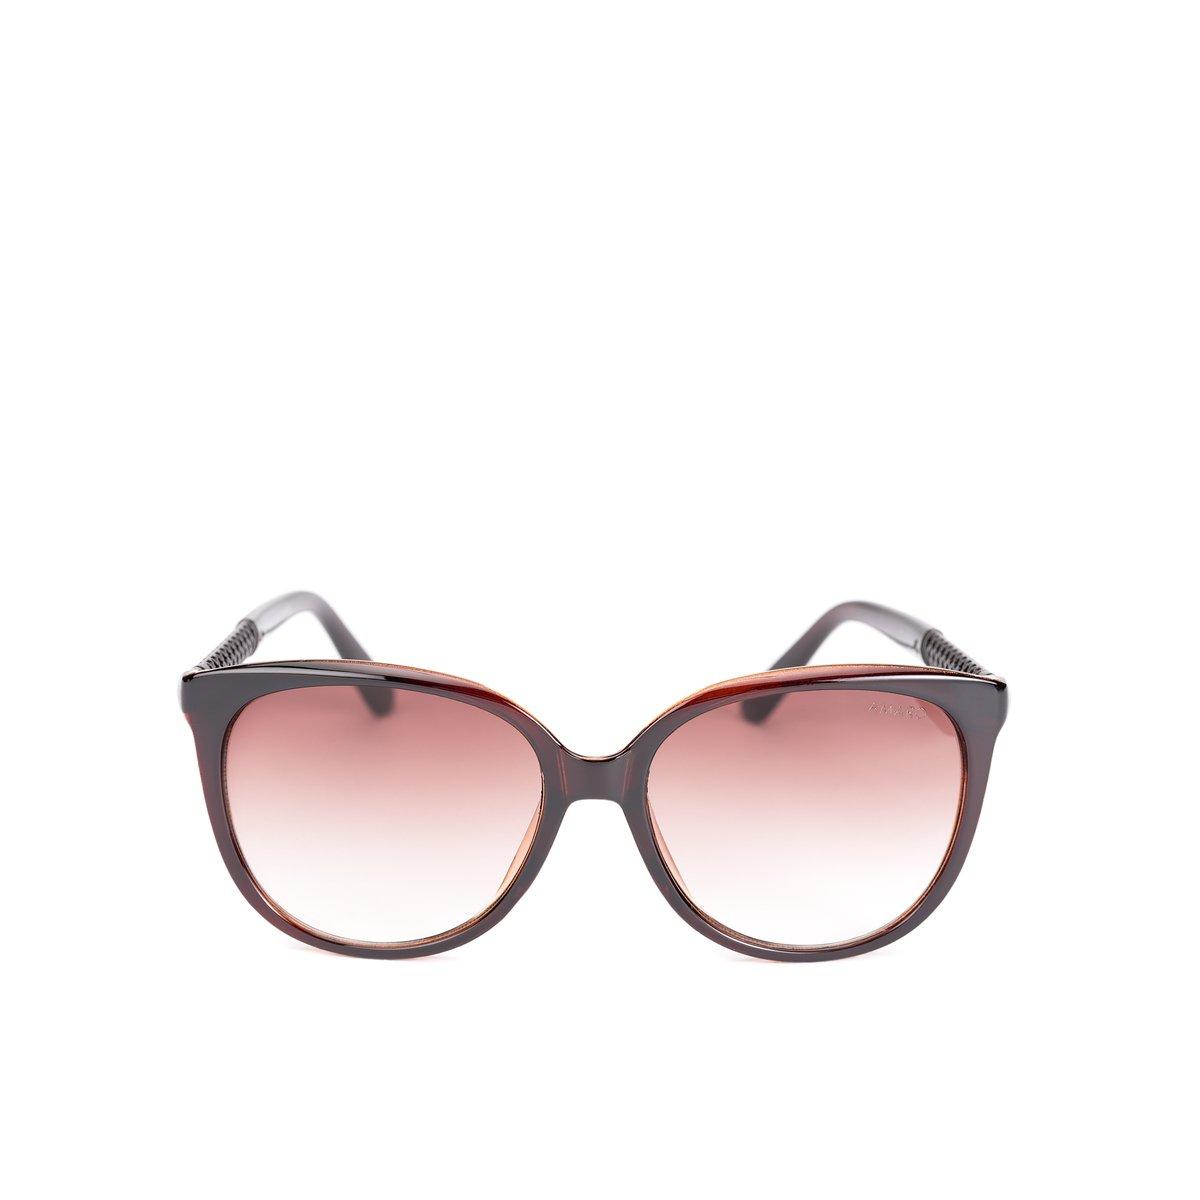 3a5e033e6cf0d óculos Amaro De Sol Mosaic - Compre Agora